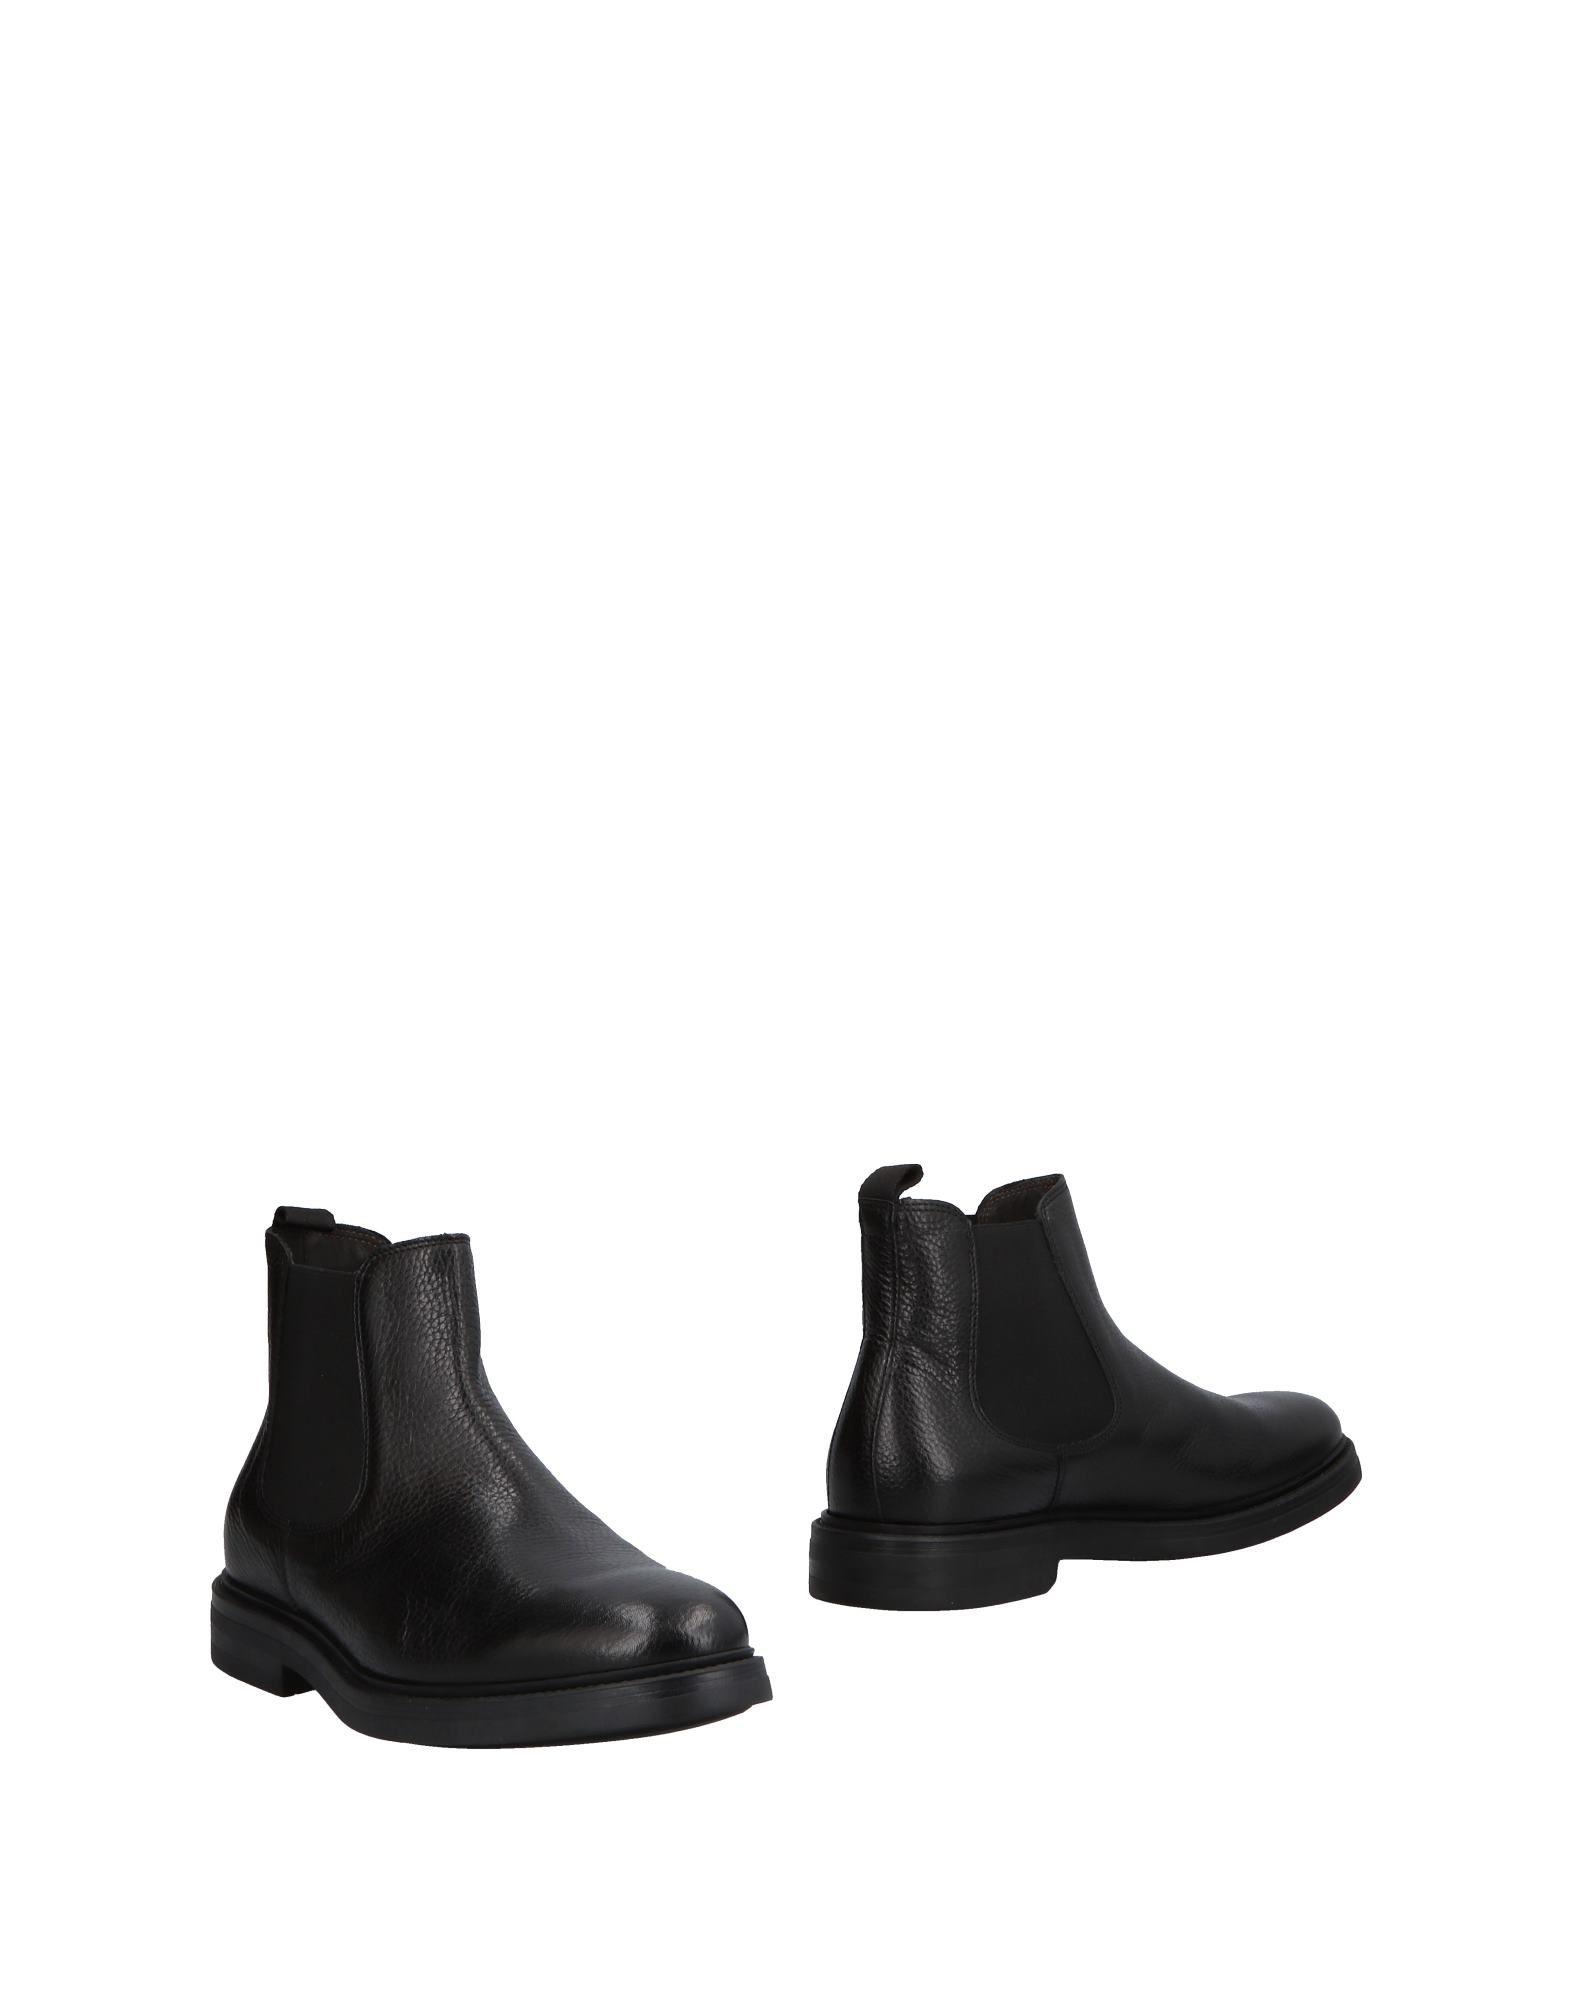 Marco Ferretti Stiefelette Herren  11497184LX Gute Qualität beliebte Schuhe